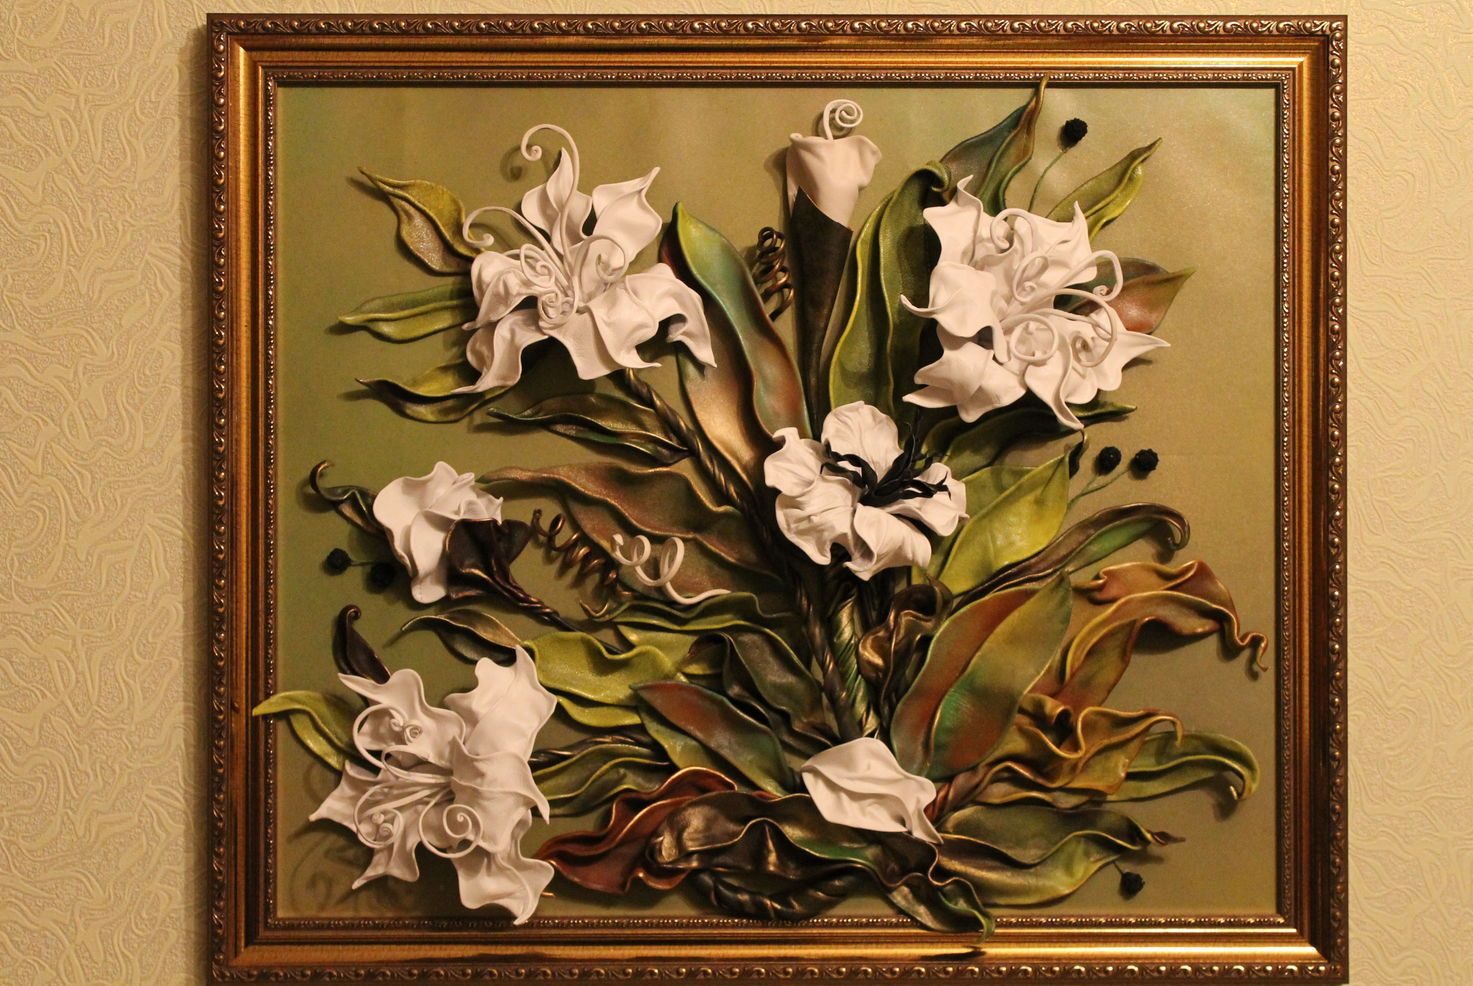 миндовг умер, картины из тканевых цветов своими руками фото бережно лелеет каждый